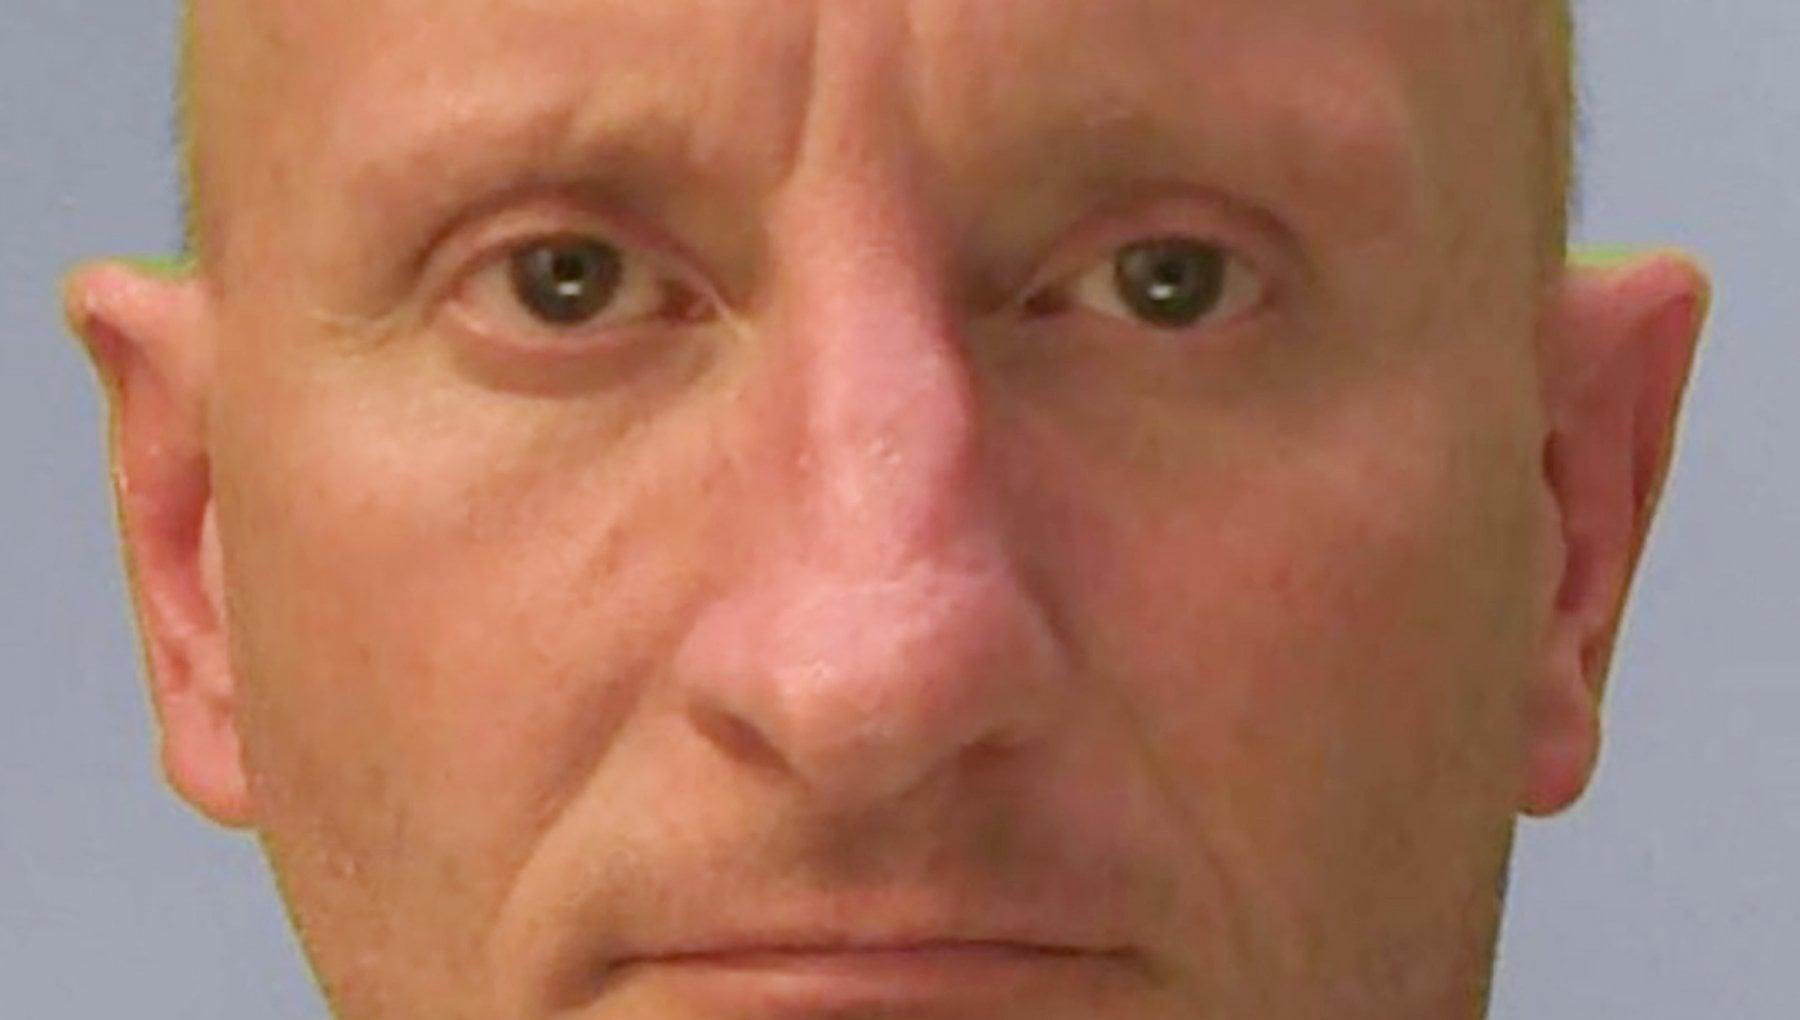 173226943 6c3ae906 1e8b 4156 813f cea77ac1d07f - Regno Unito, condannato a cinque anni il serial killer dei gatti